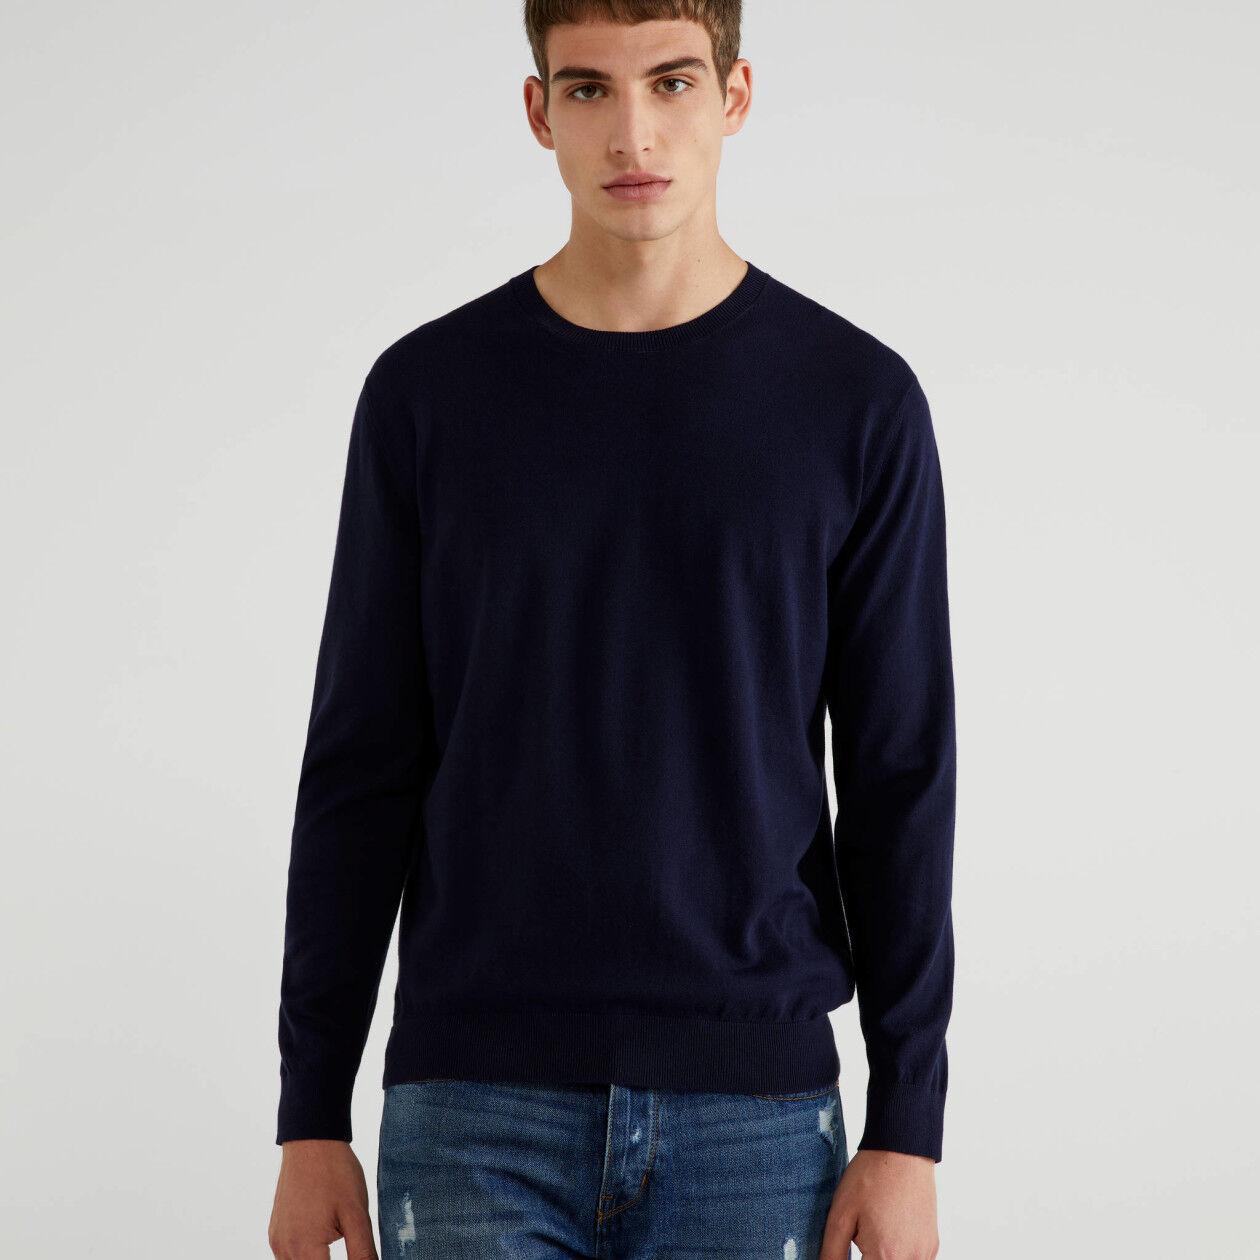 Maglia girocollo in cotone tricot